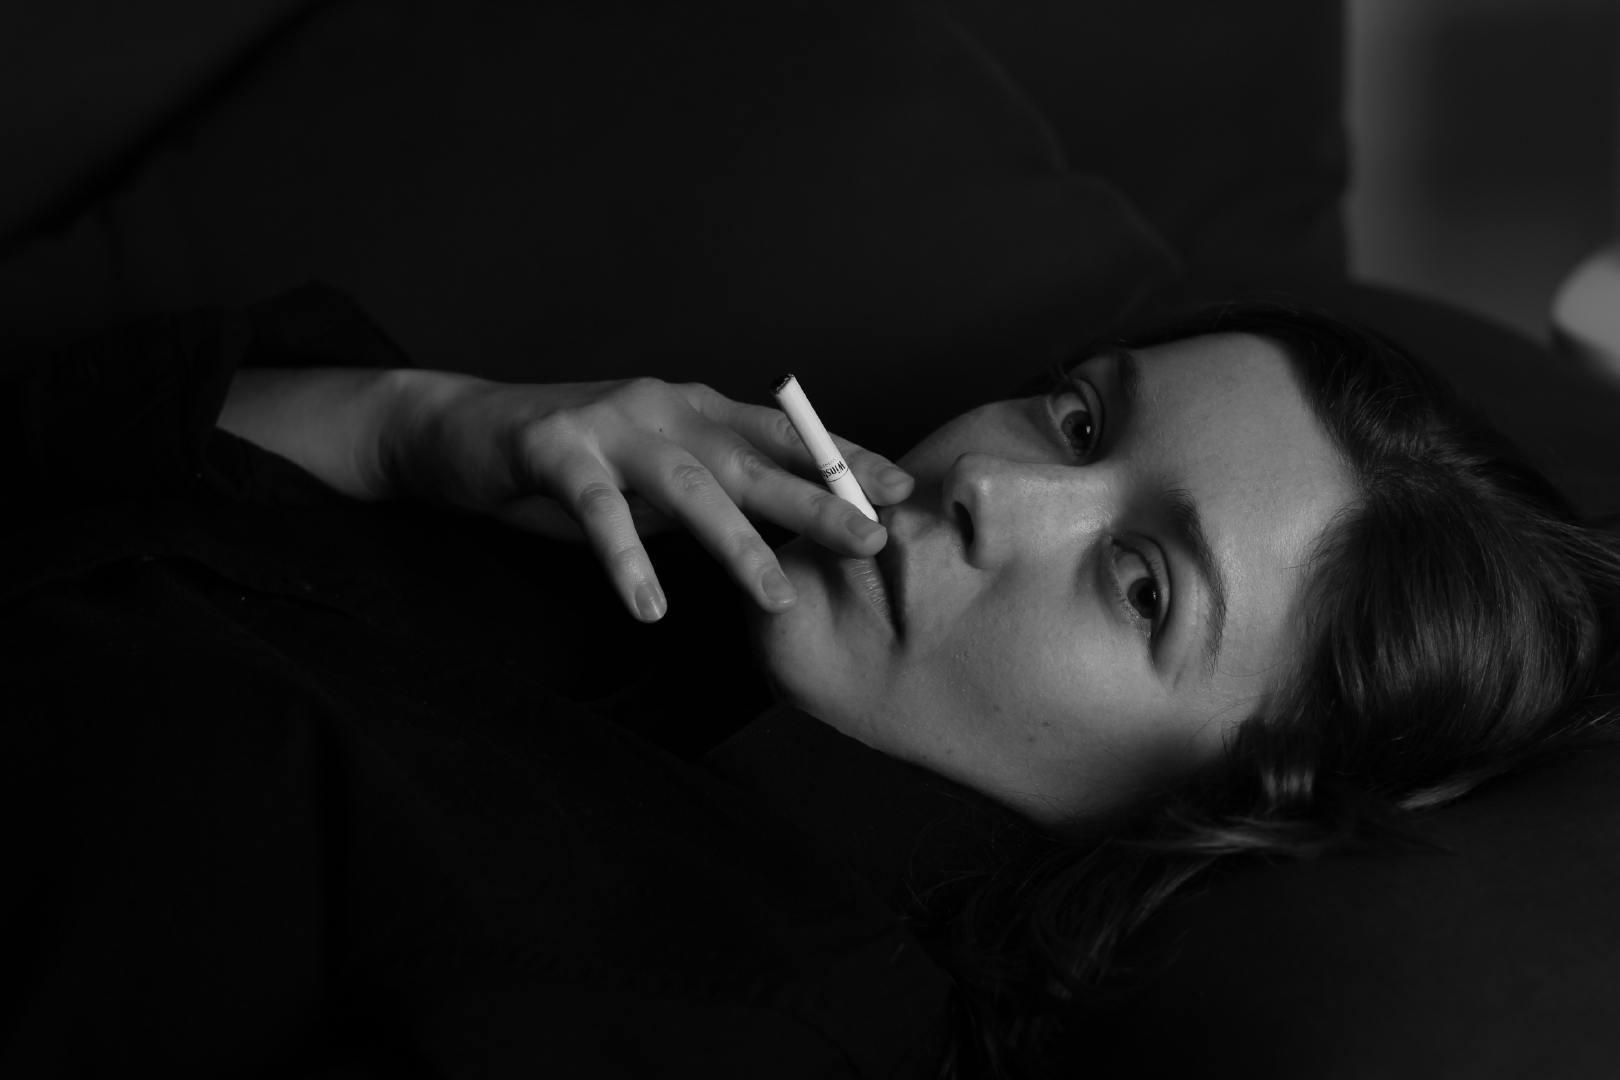 拿着烟吐出烟雾的美女摄影图片